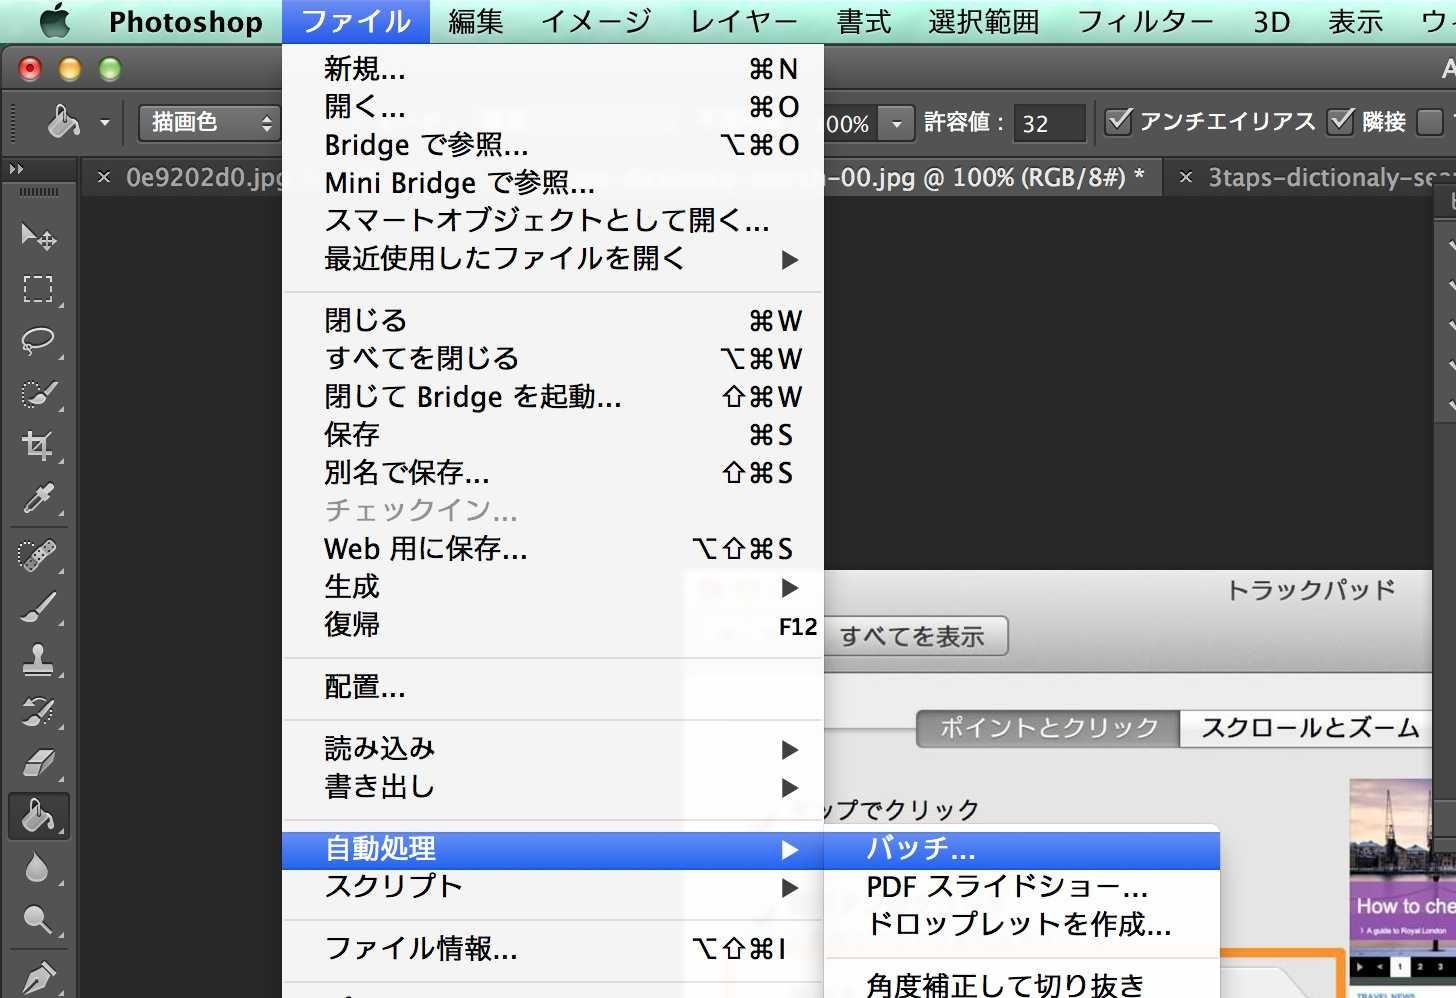 Photoshopのメニューバーからファイル - 自動処理 - バッチをクリックします。